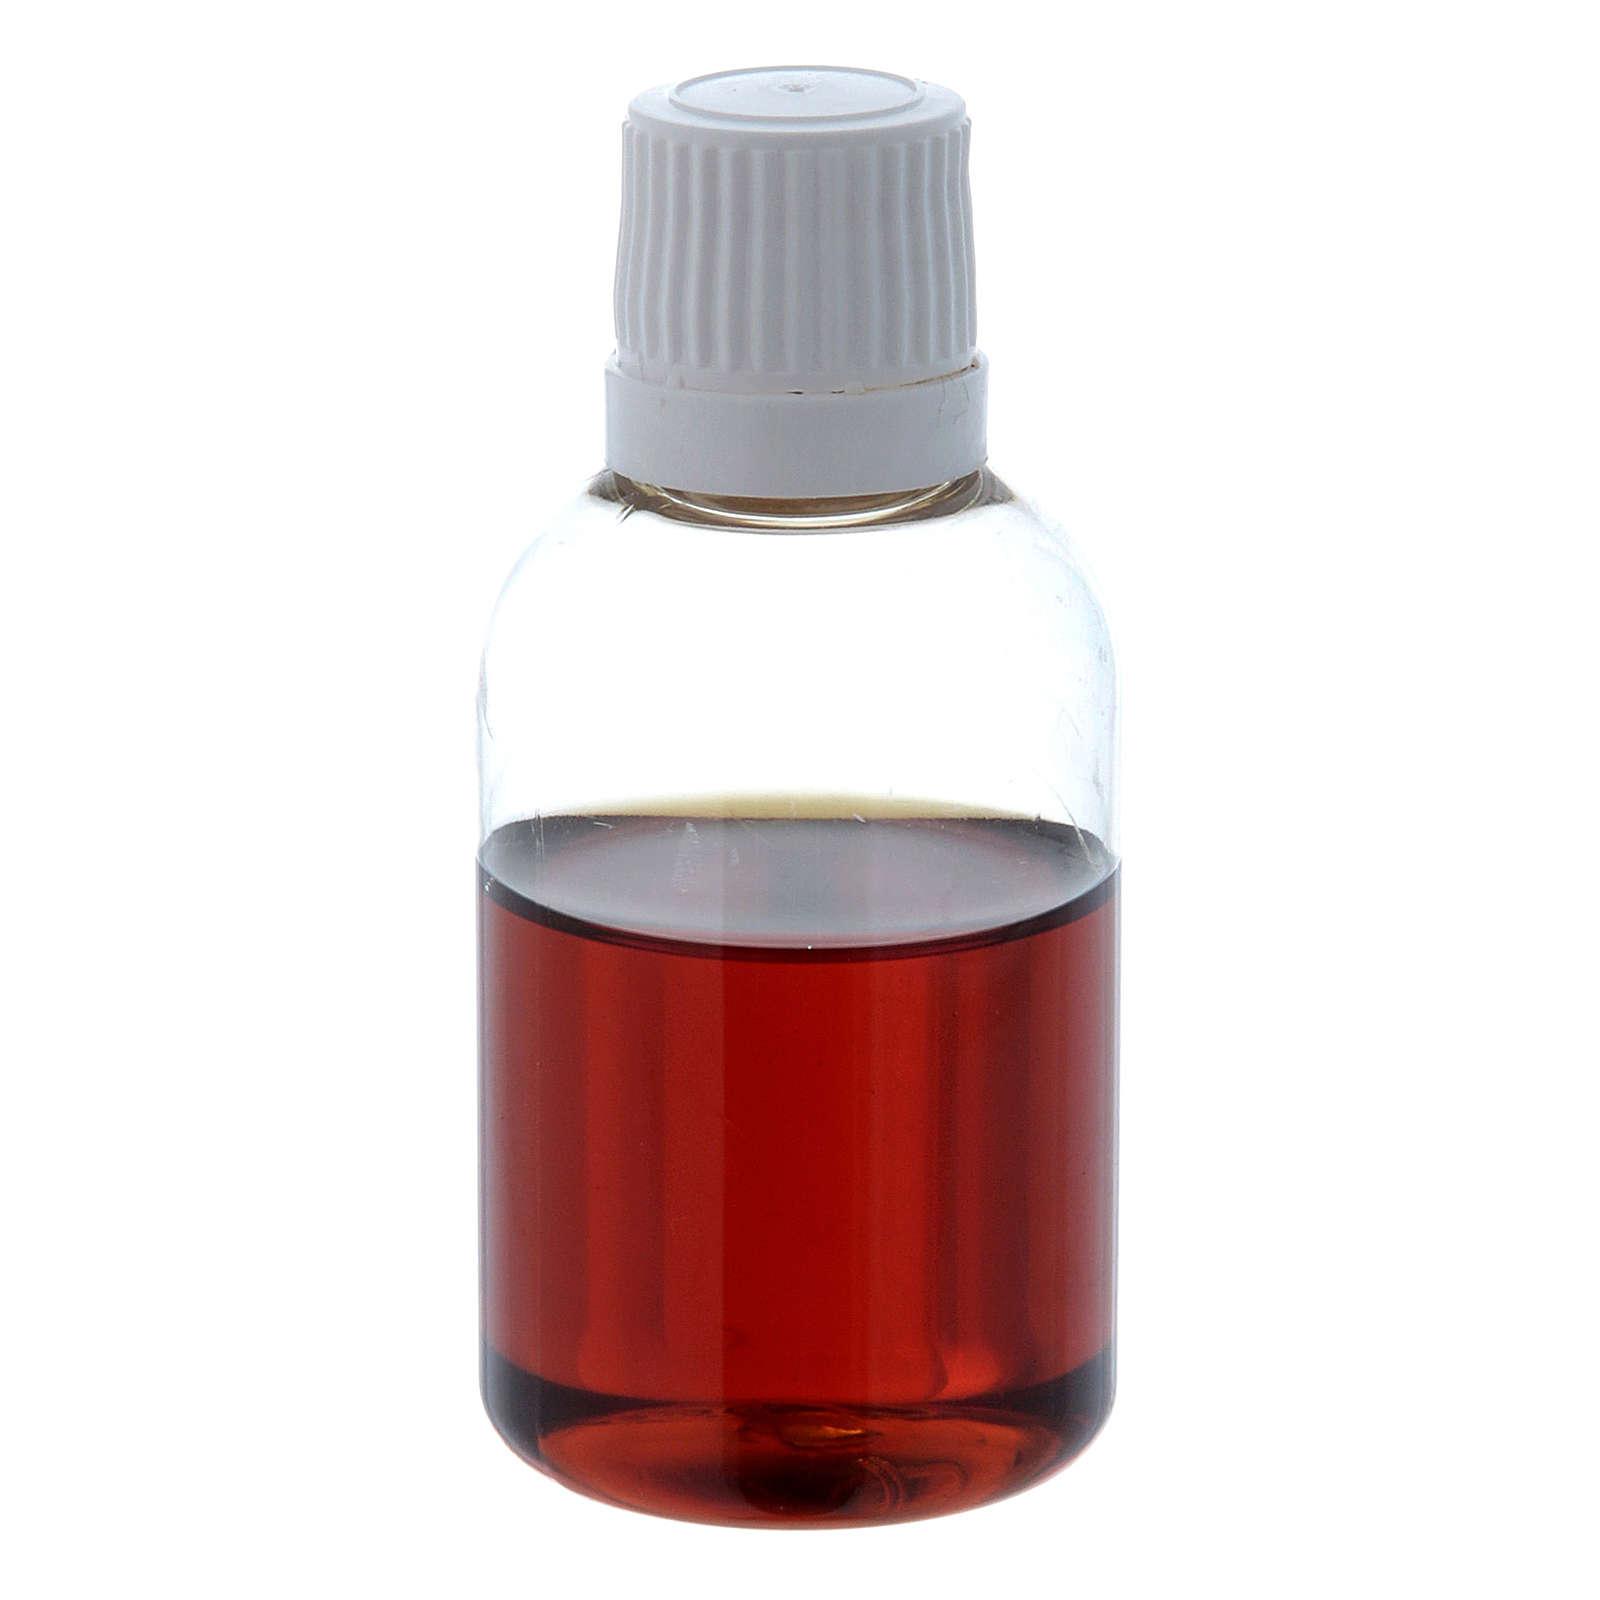 Olio profumato al nardo 35 ml 3